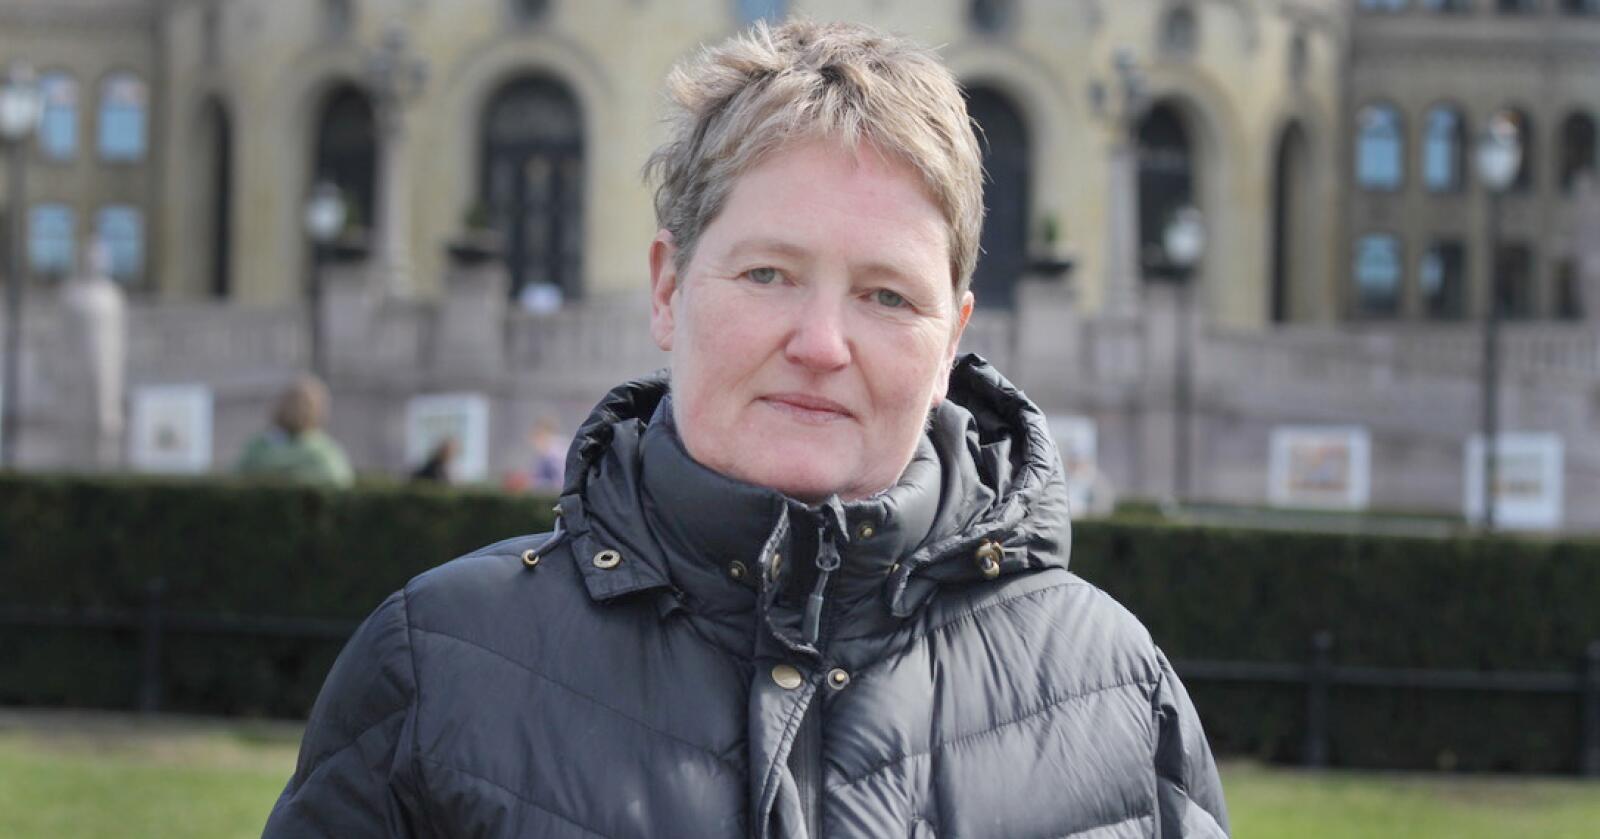 Eli Berge Ness er politisk nestleder i Norsk Bonde- og Småbrukerlaget. Hun mener regjeringens rovdyrforvaltning har strammet grepet mot beitenæringen med stadig nye forslag. Foto: Nora May Engseth